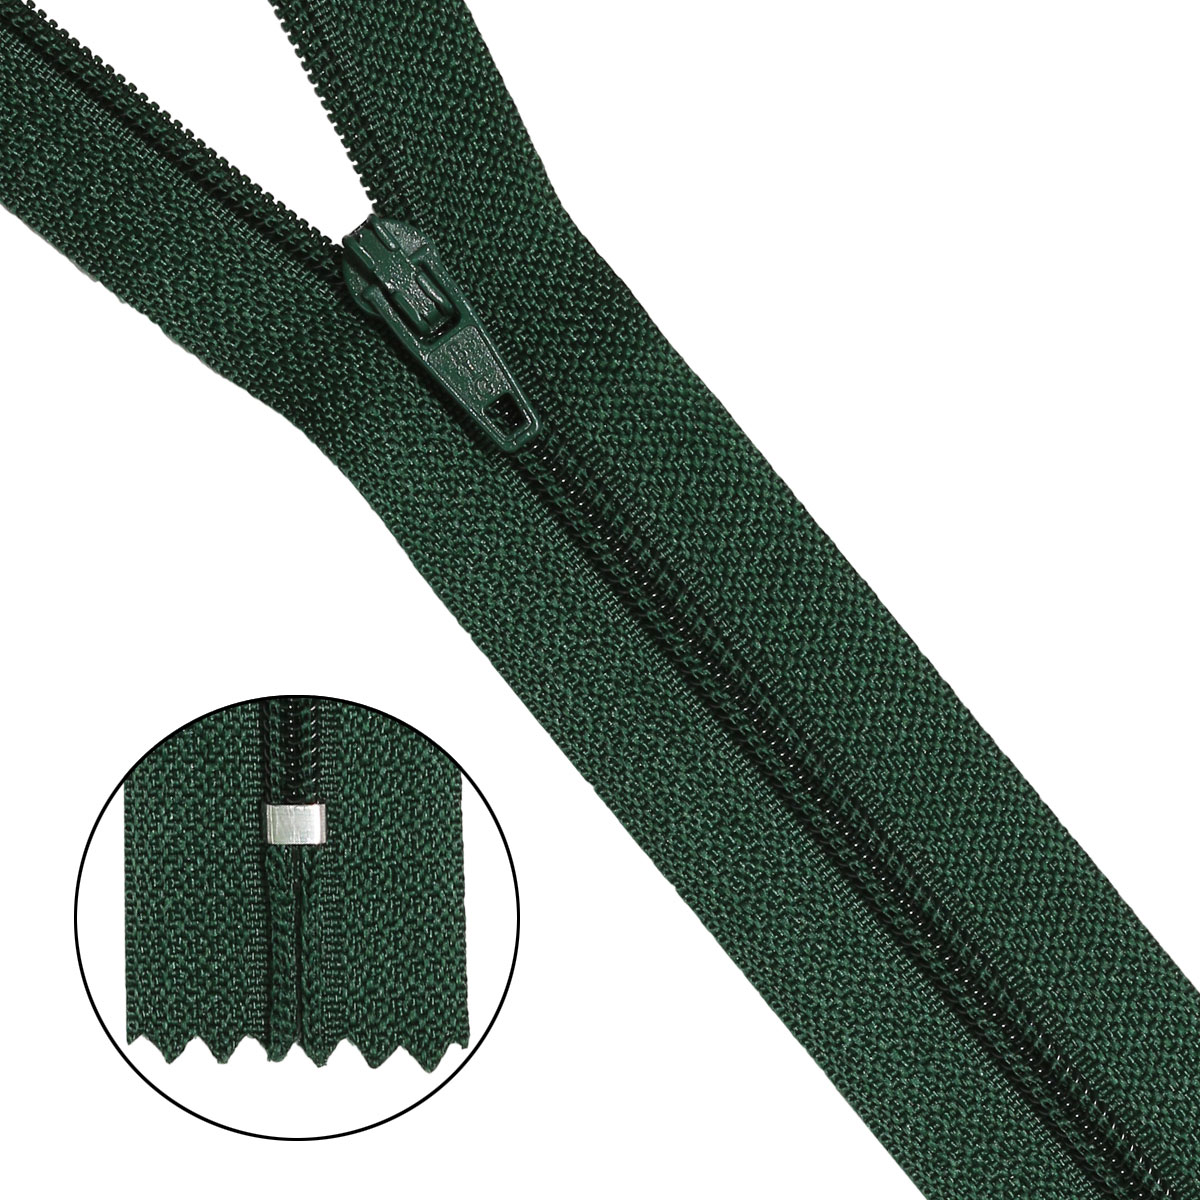 30102 Молния пластиковая зеленый нейлон тип-3 авт 20 см